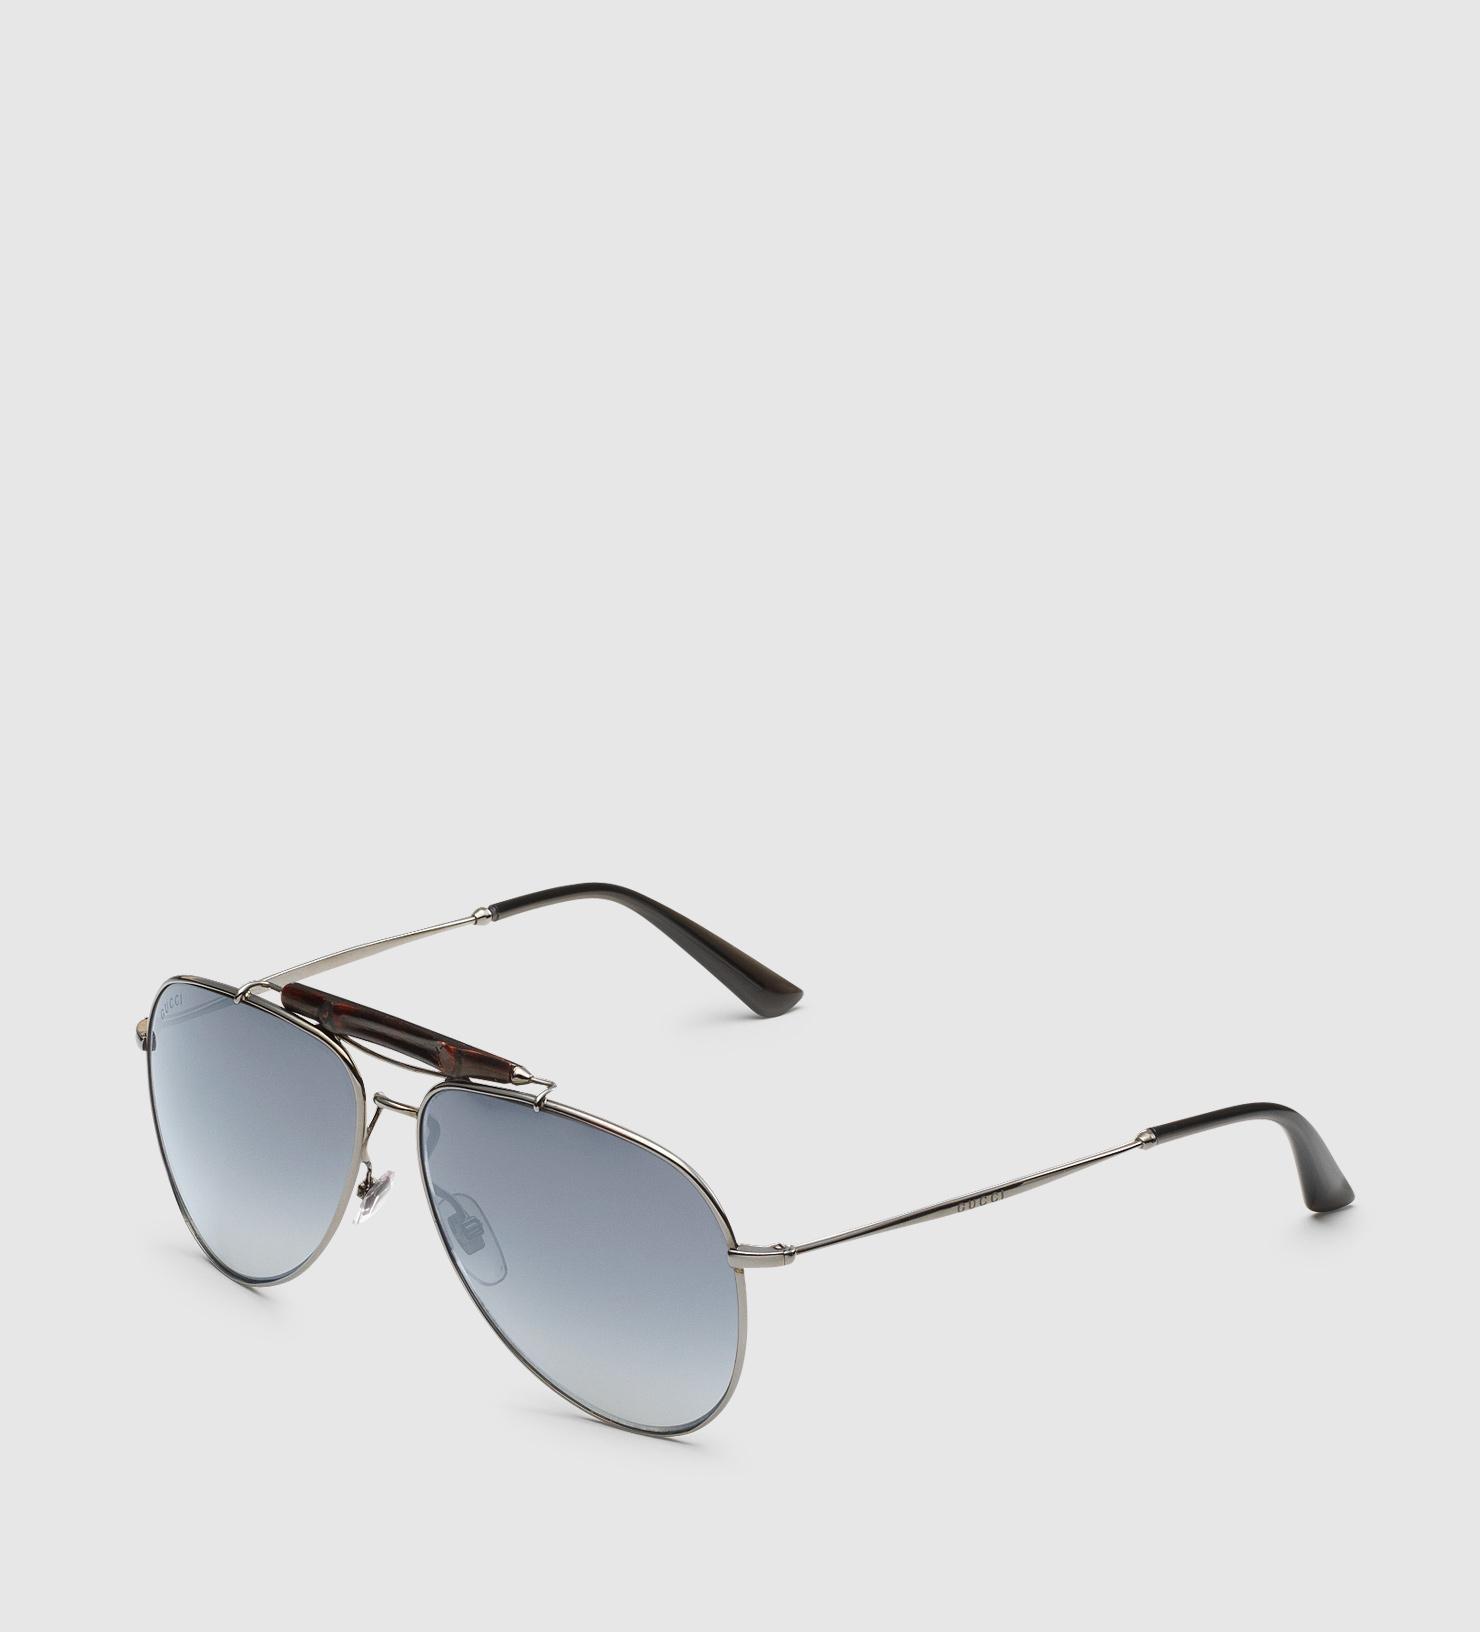 eaf1a8e274 Lyst - Gucci Dark Ruthenium Aviator Sunglasses With Bamboo in Blue ...